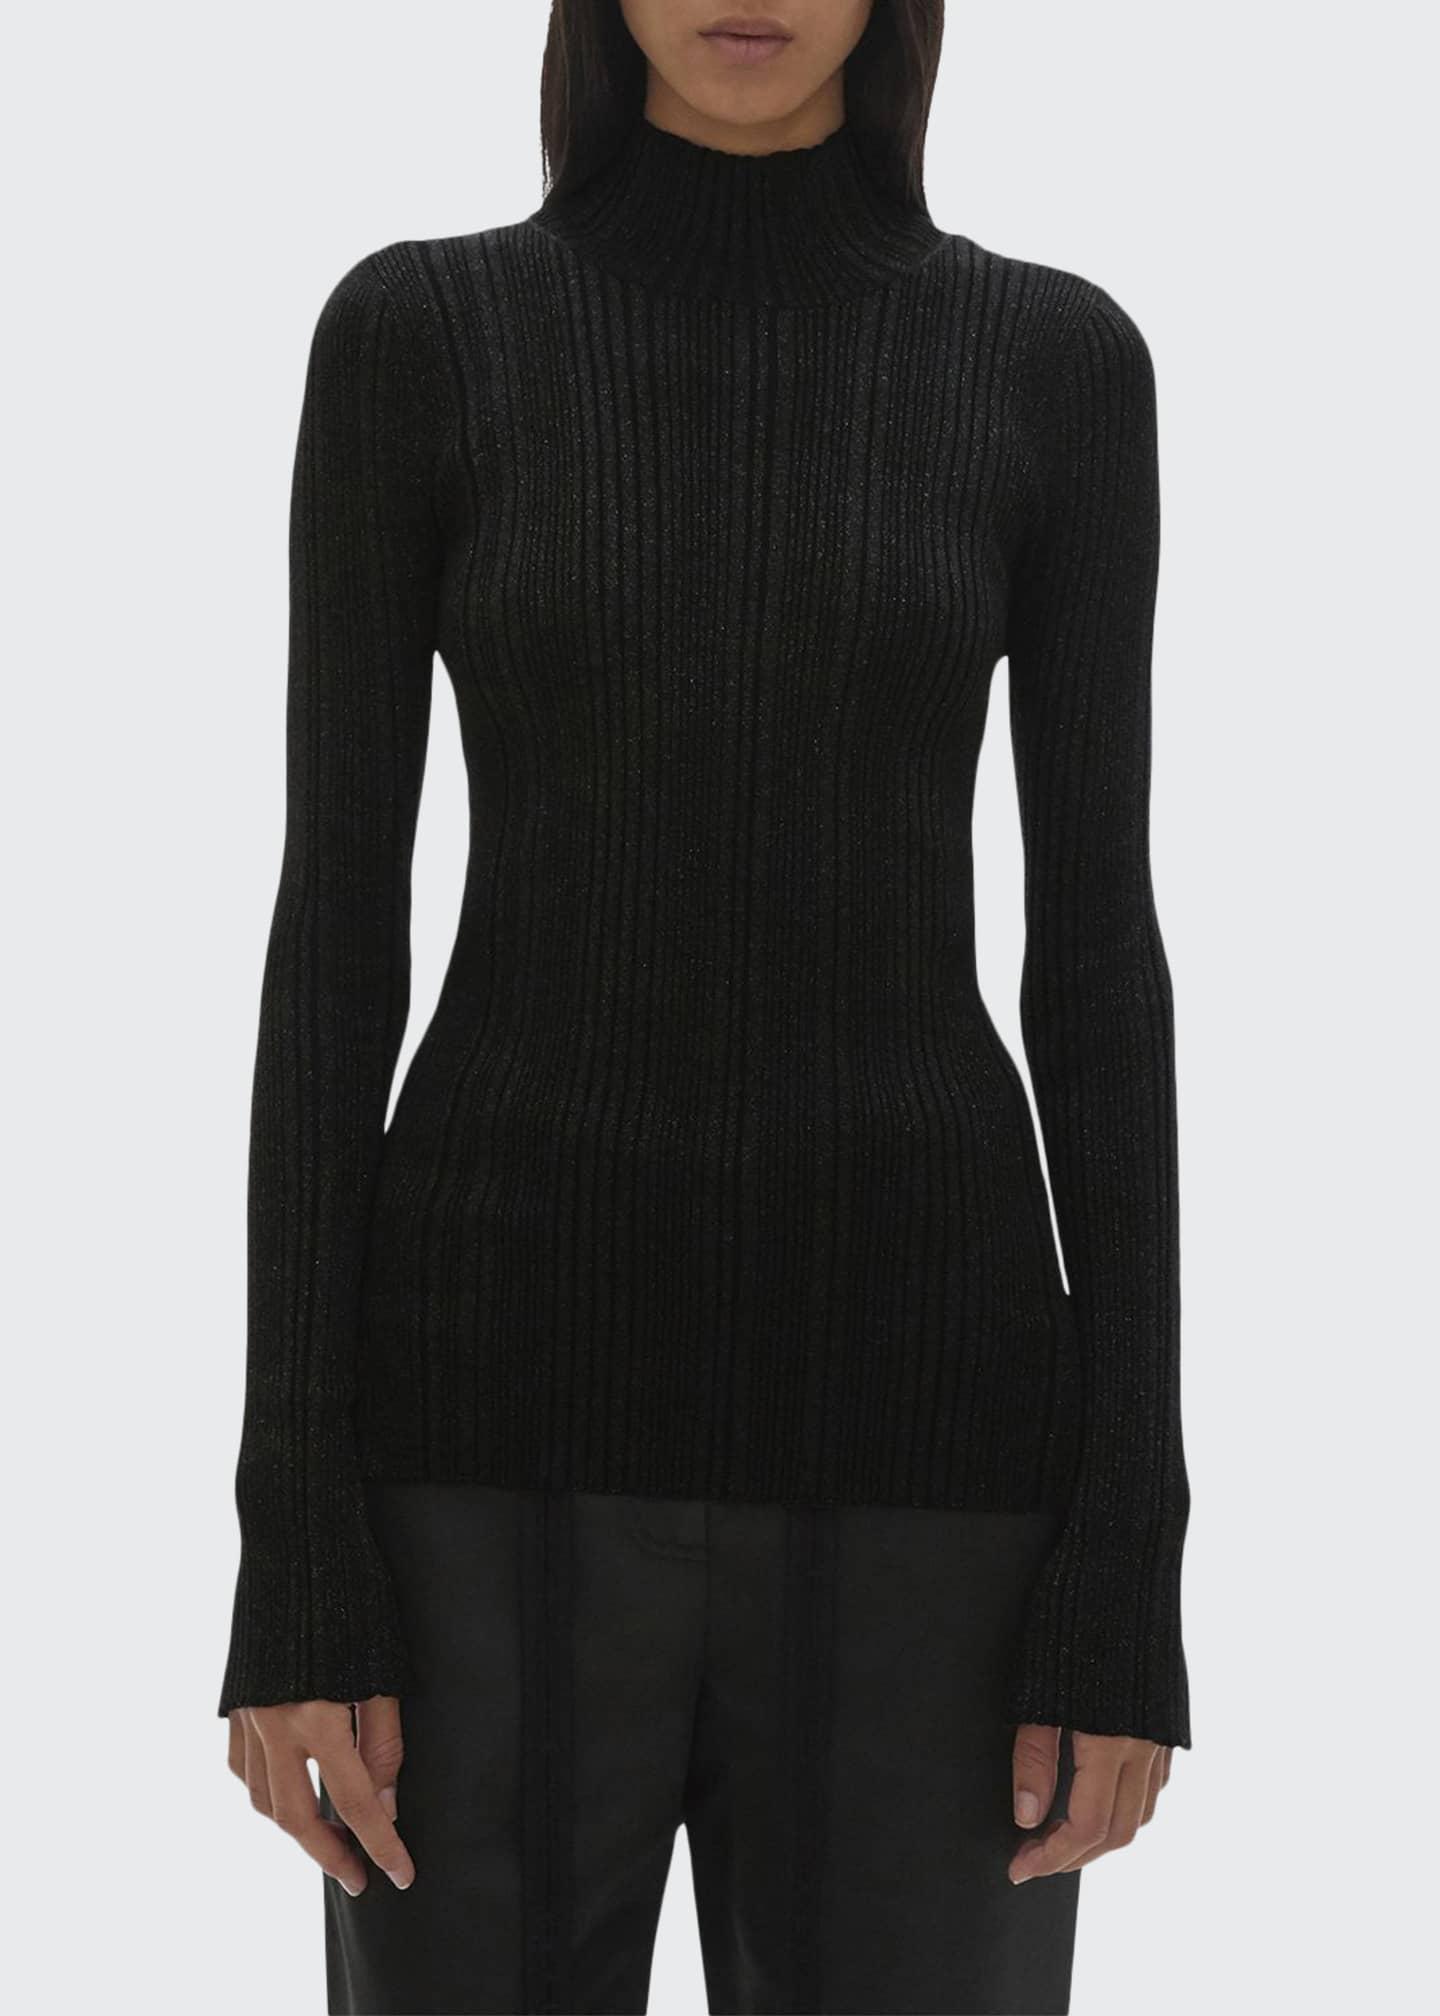 Helmut Lang Ribbed Turtleneck Sweater